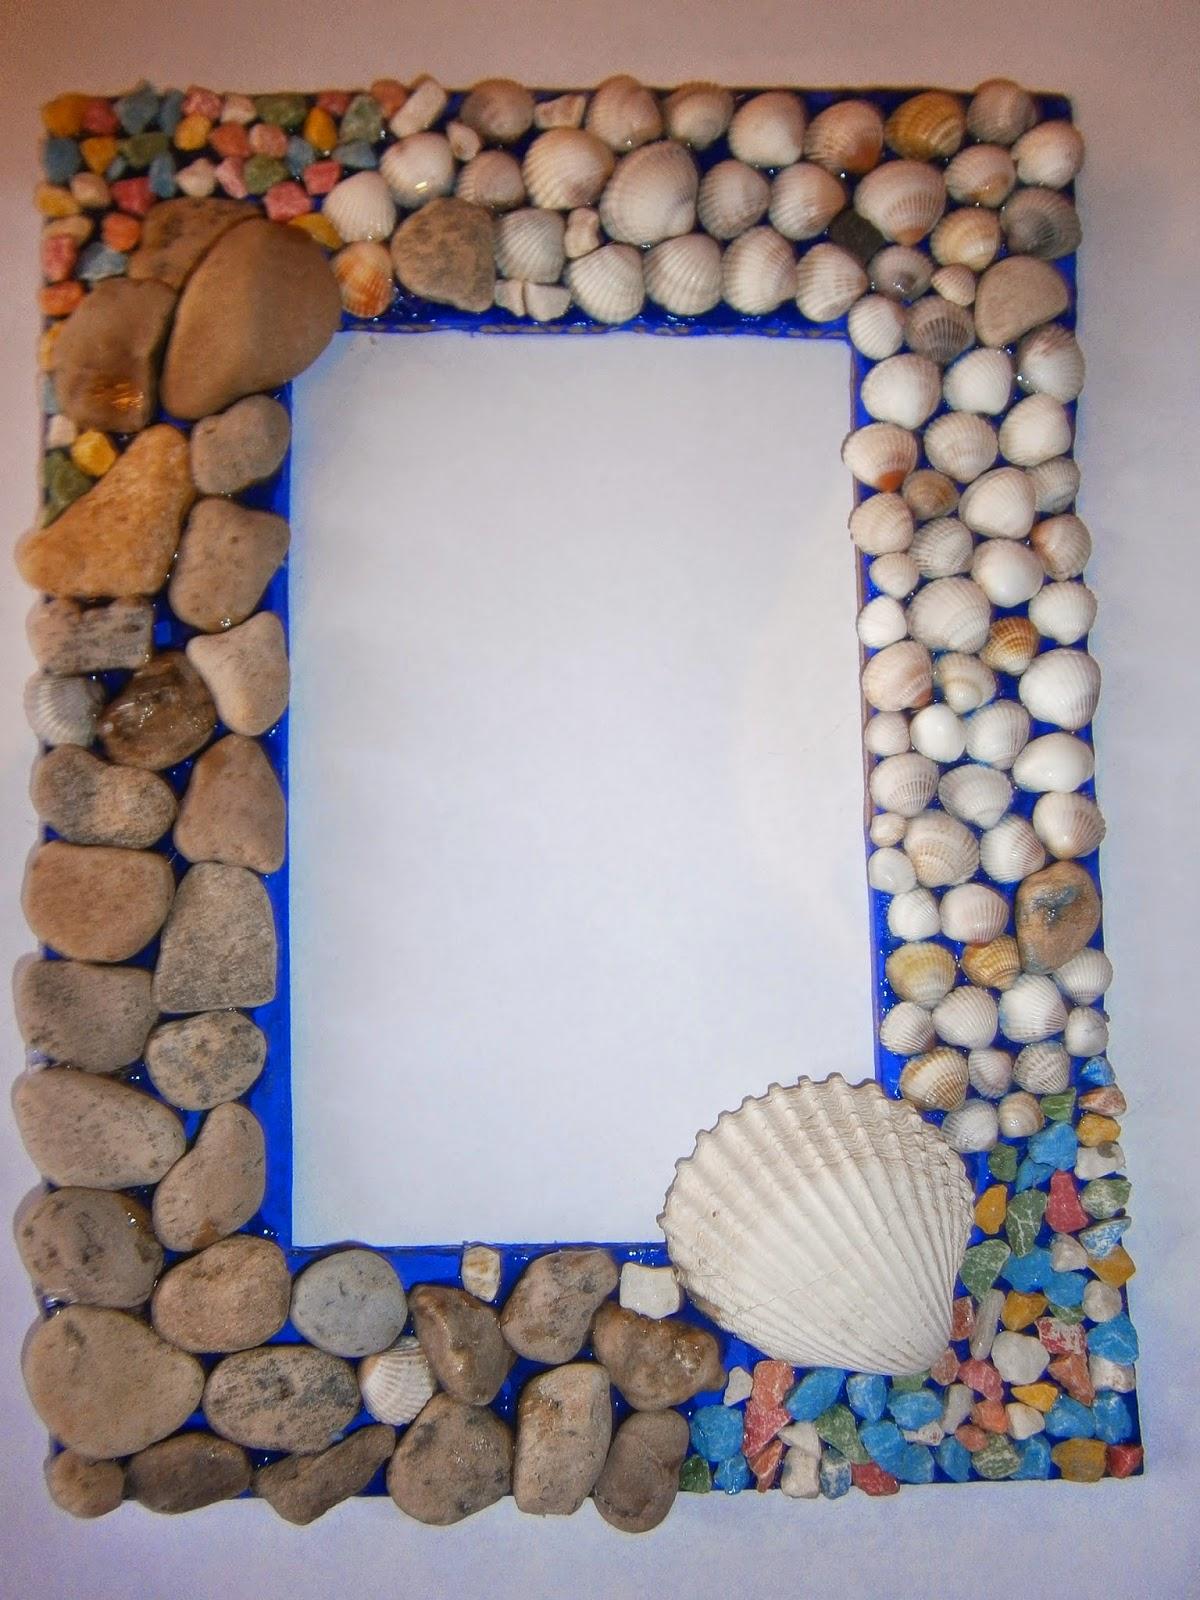 рамка своими руками из ракушек и камней